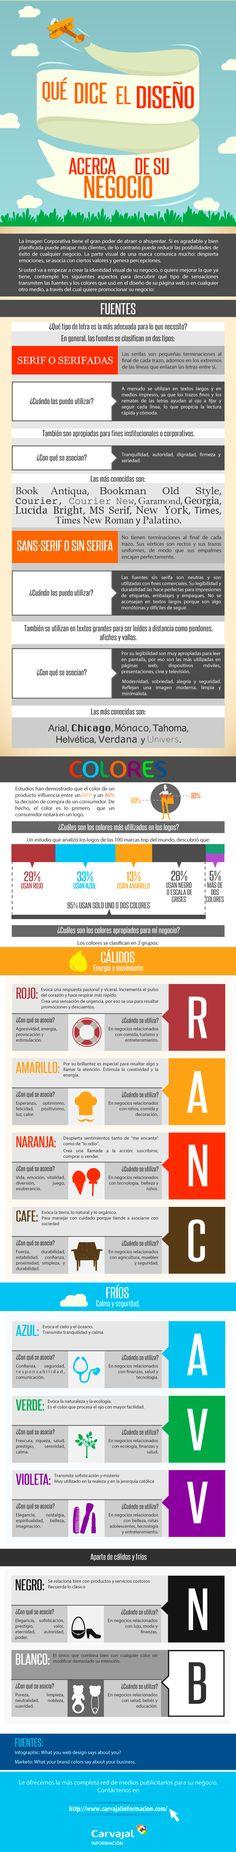 #Infografia #DiseñoWeb Que dice el diseño sobre tu negocio. #TAVnews